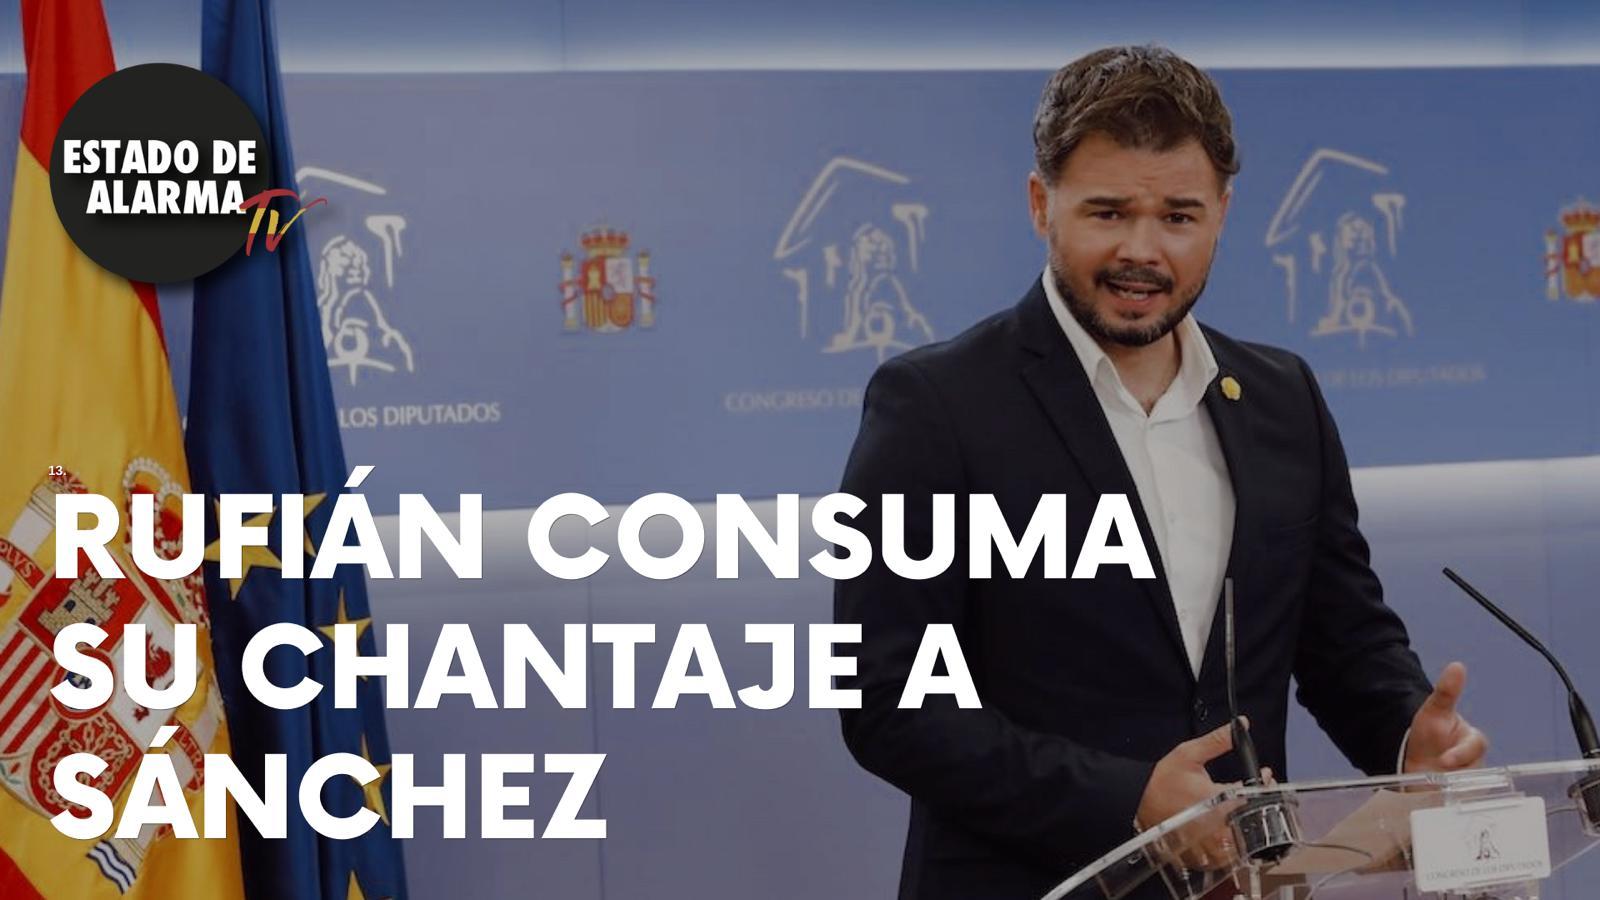 RUFIÁN CONSUMA su CHANTAJE a SÁNCHEZ a cambio de su apoyo a los PRESUPUESTOS